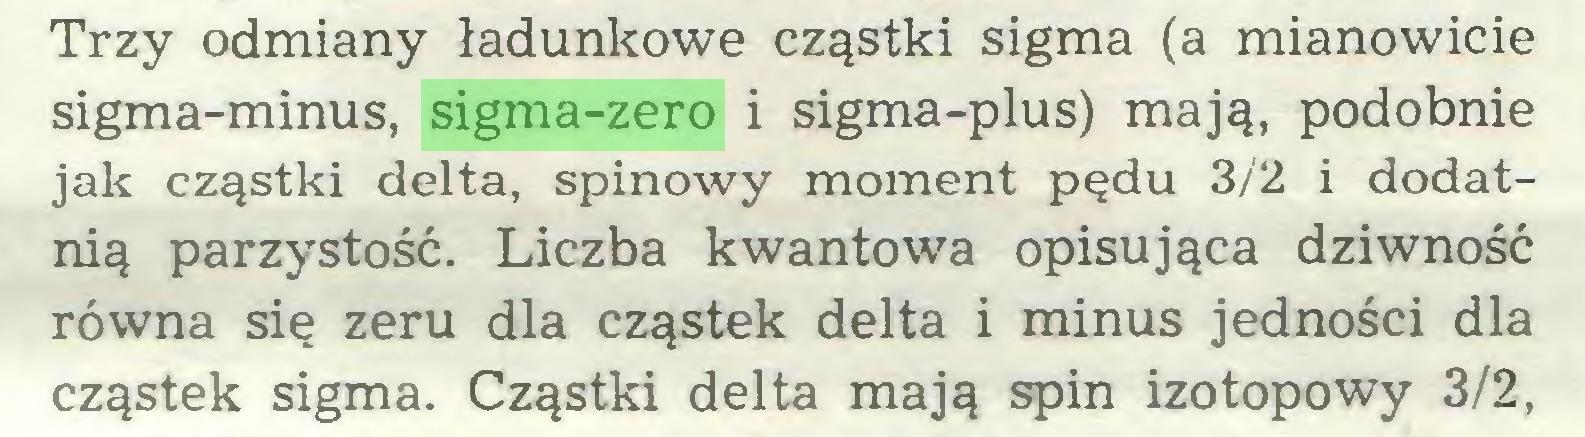 (...) Trzy odmiany ładunkowe cząstki sigma (a mianowicie sigma-minus, sigma-zero i sigma-plus) mają, podobnie jak cząstki delta, spinowy moment pędu 3/2 i dodatnią parzystość. Liczba kwantowa opisująca dziwność równa się zeru dla cząstek delta i minus jedności dla cząstek sigma. Cząstki delta mają spin izotopowy 3/2,...